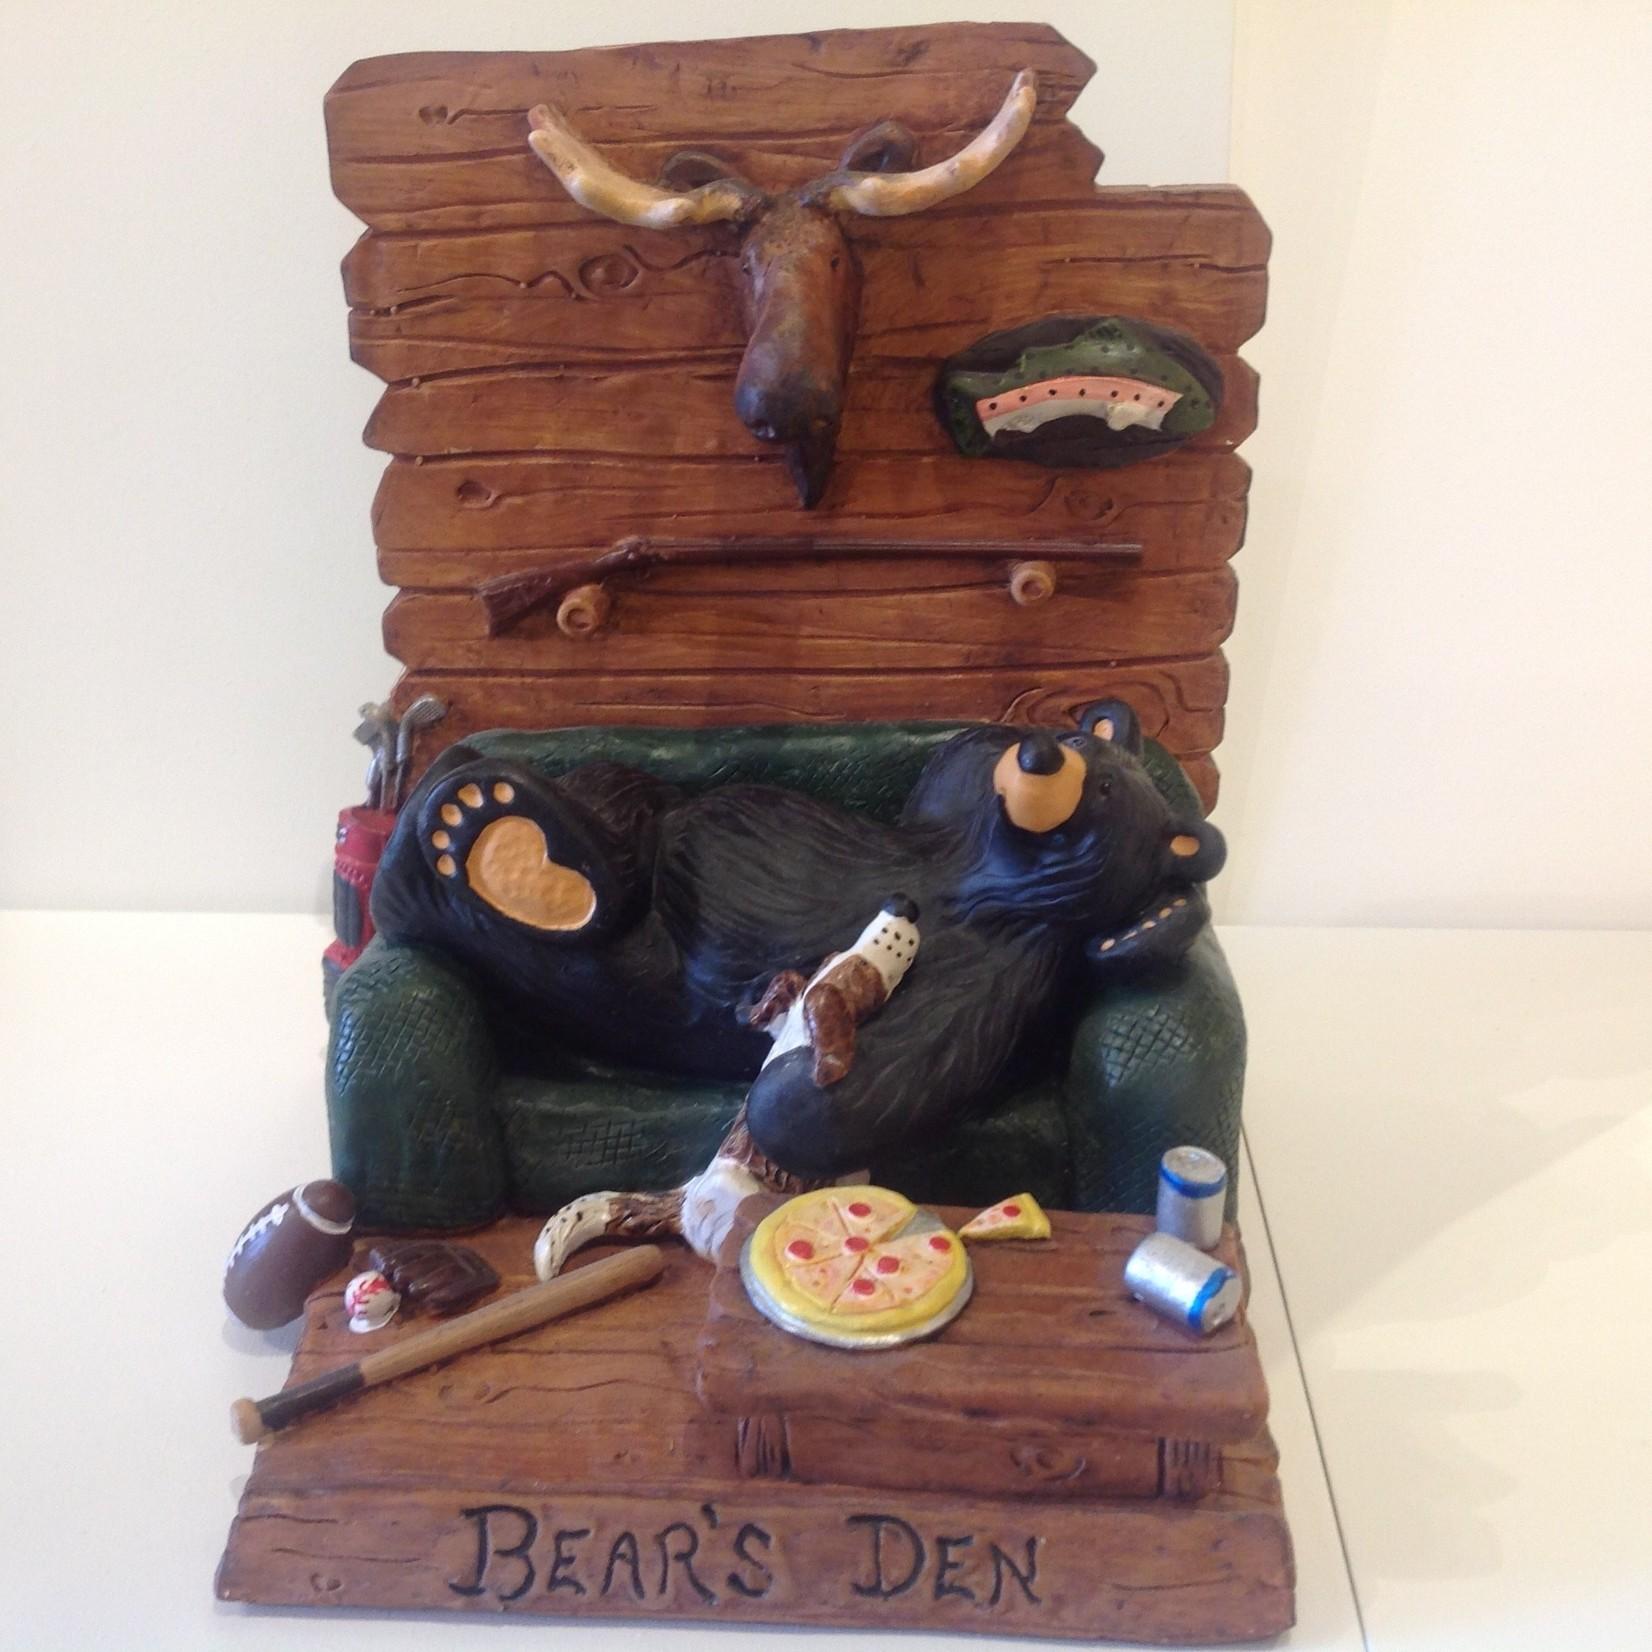 Bear's Den Figurine